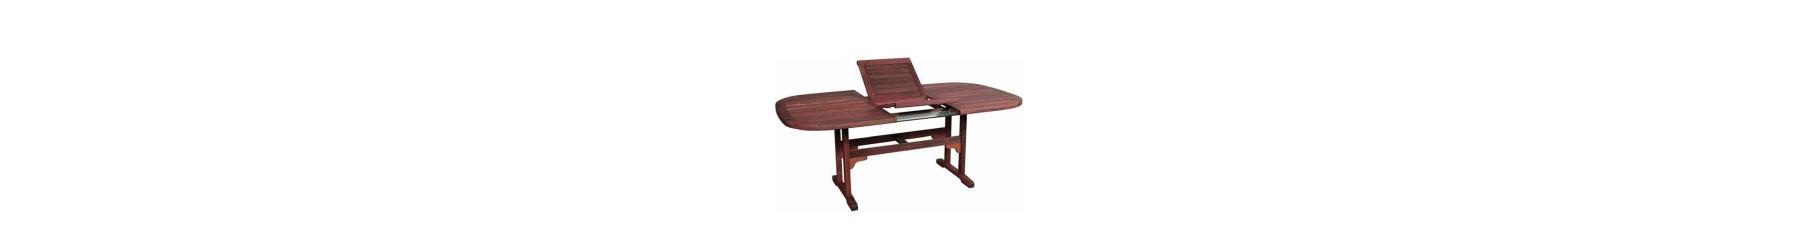 Τραπέζια κήπου ξύλινα επεκτεινόμενα, πτυσσόμενα και με σταθερή βάση